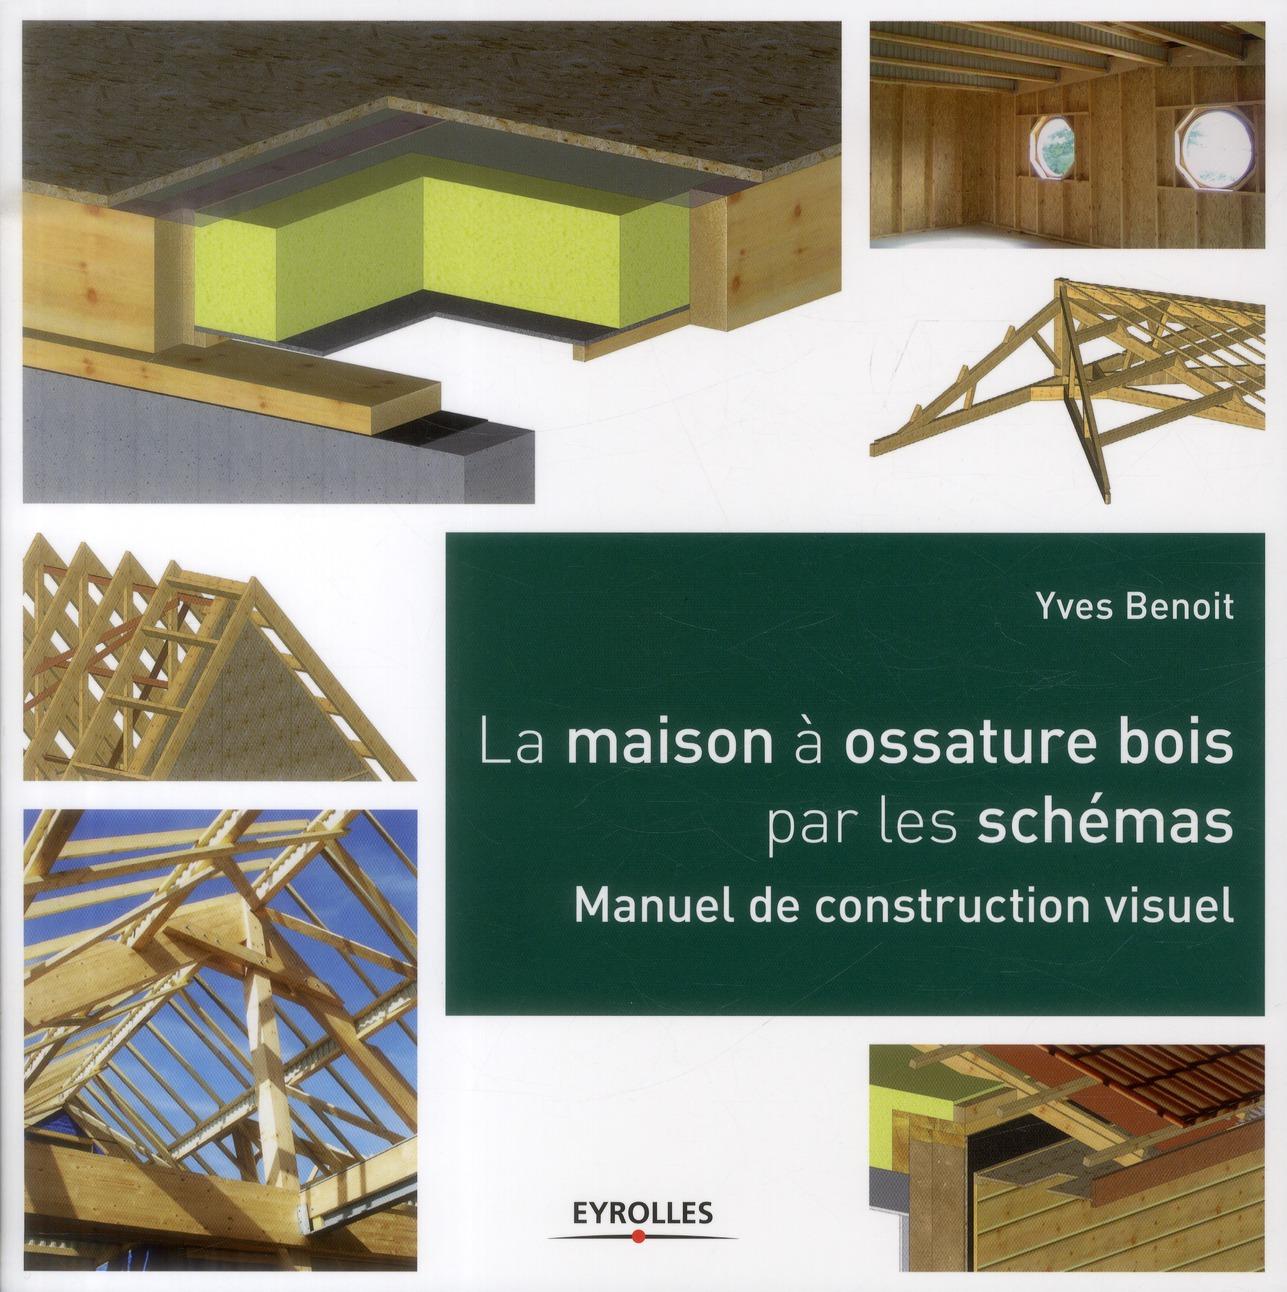 LA MAISON A OSSATURE BOIS PAR LES SCHEMAS. MANUEL DE CONSTRUCTION VISUEL - MANUEL DE CONSTRUCTION VI BENOIT YVES Eyrolles